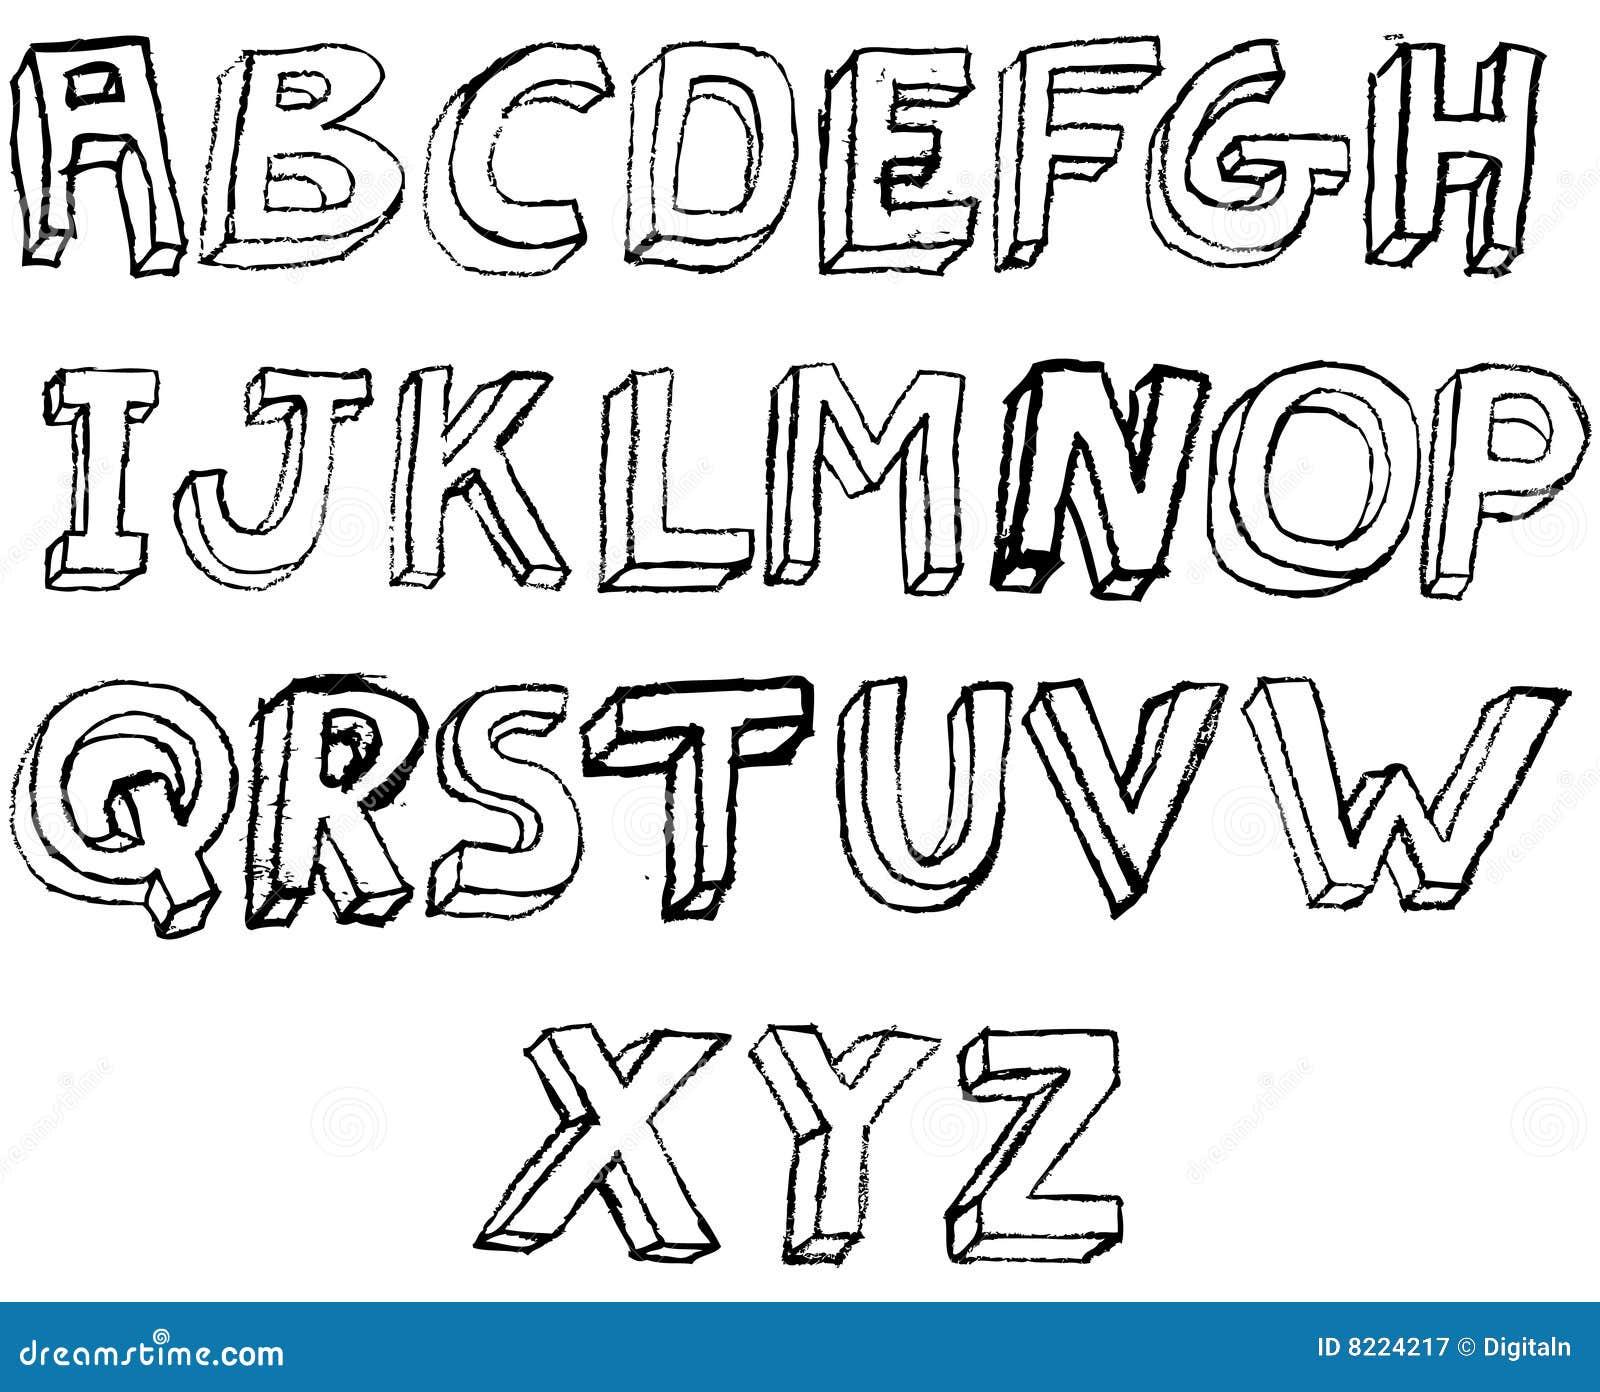 3d Block Letters. 3D BLOCK LETTER ALPHABET Image Galleries. Photos ...